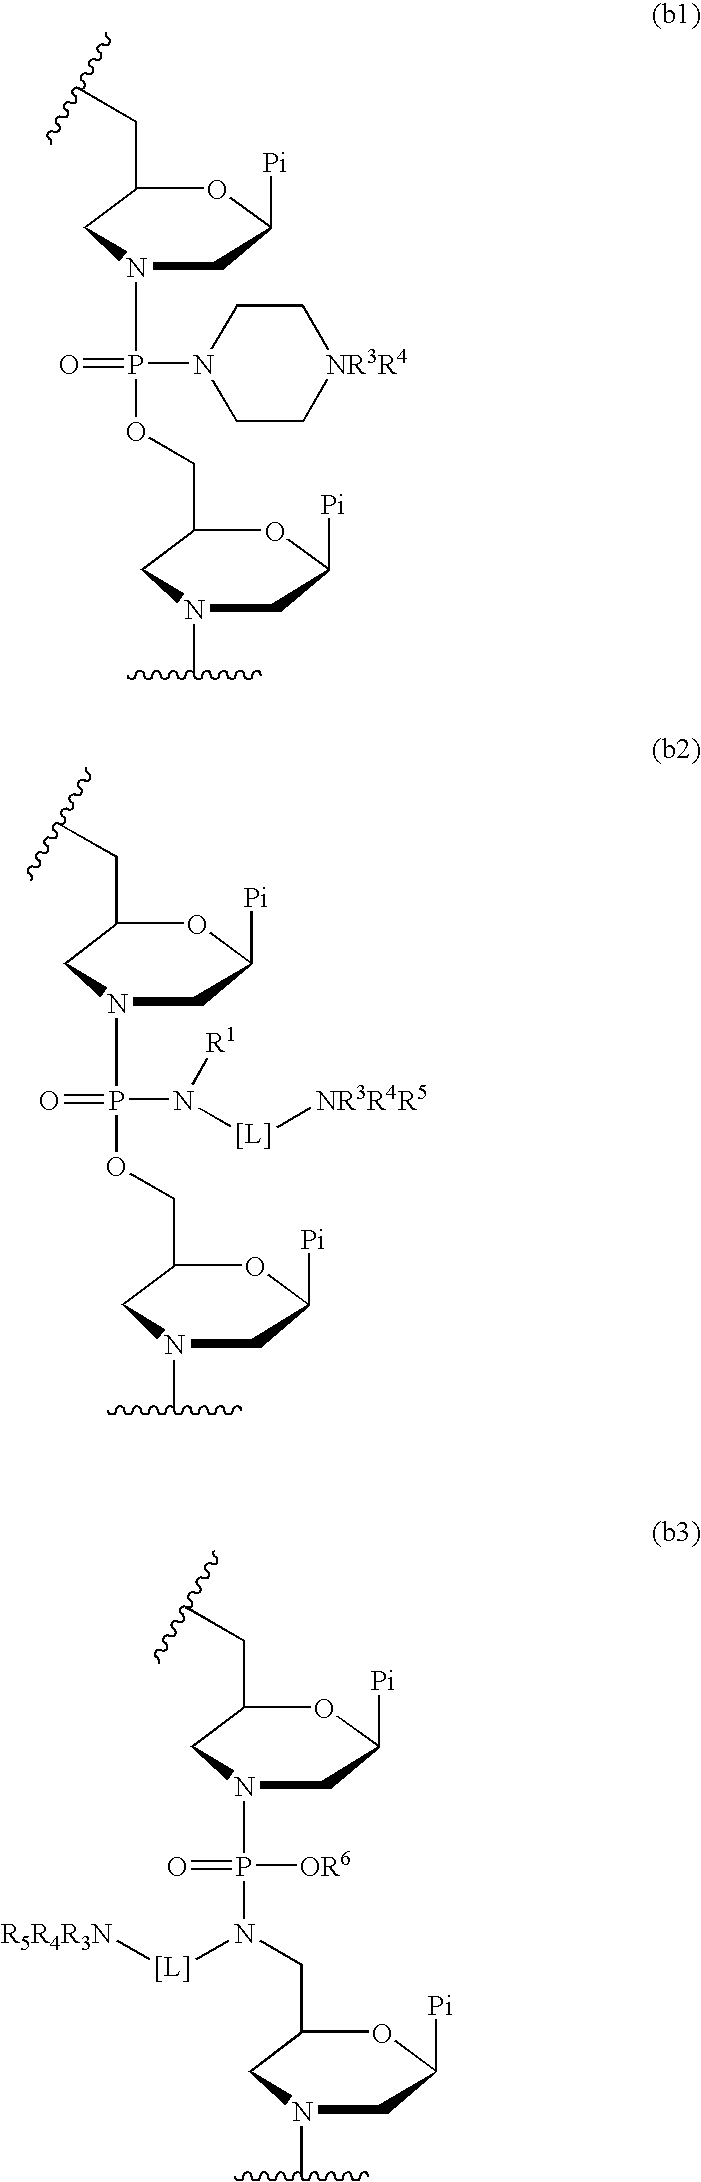 Figure US08592386-20131126-C00004